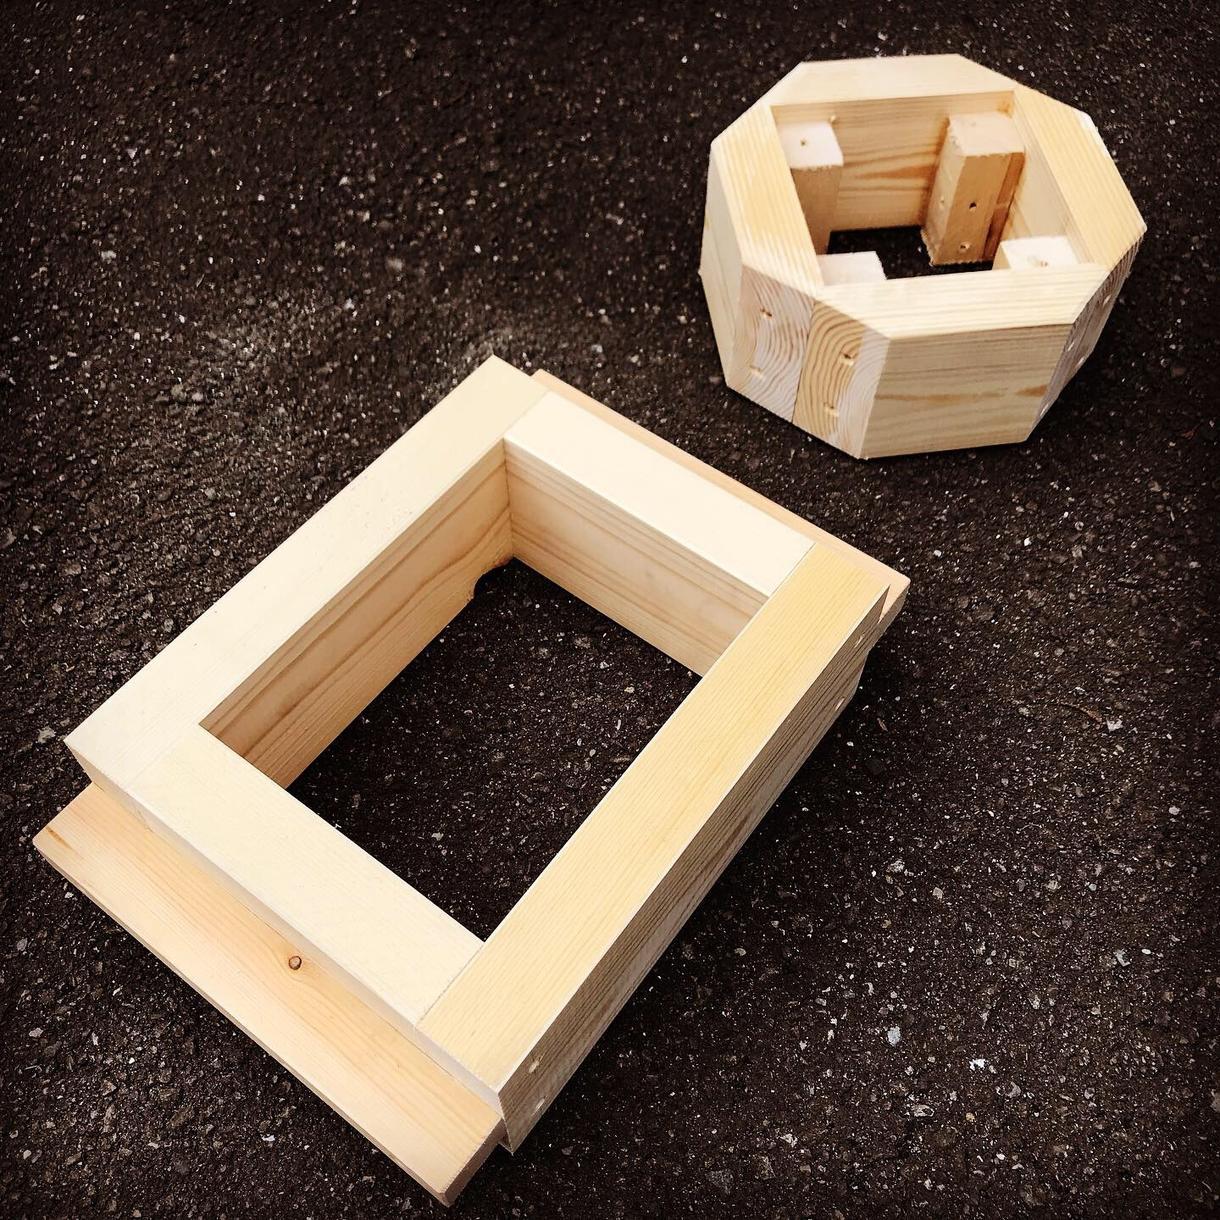 あなたに代わって木工製品の作成します 無垢材で好みの形や希望サイズの木製品を作成代行します。